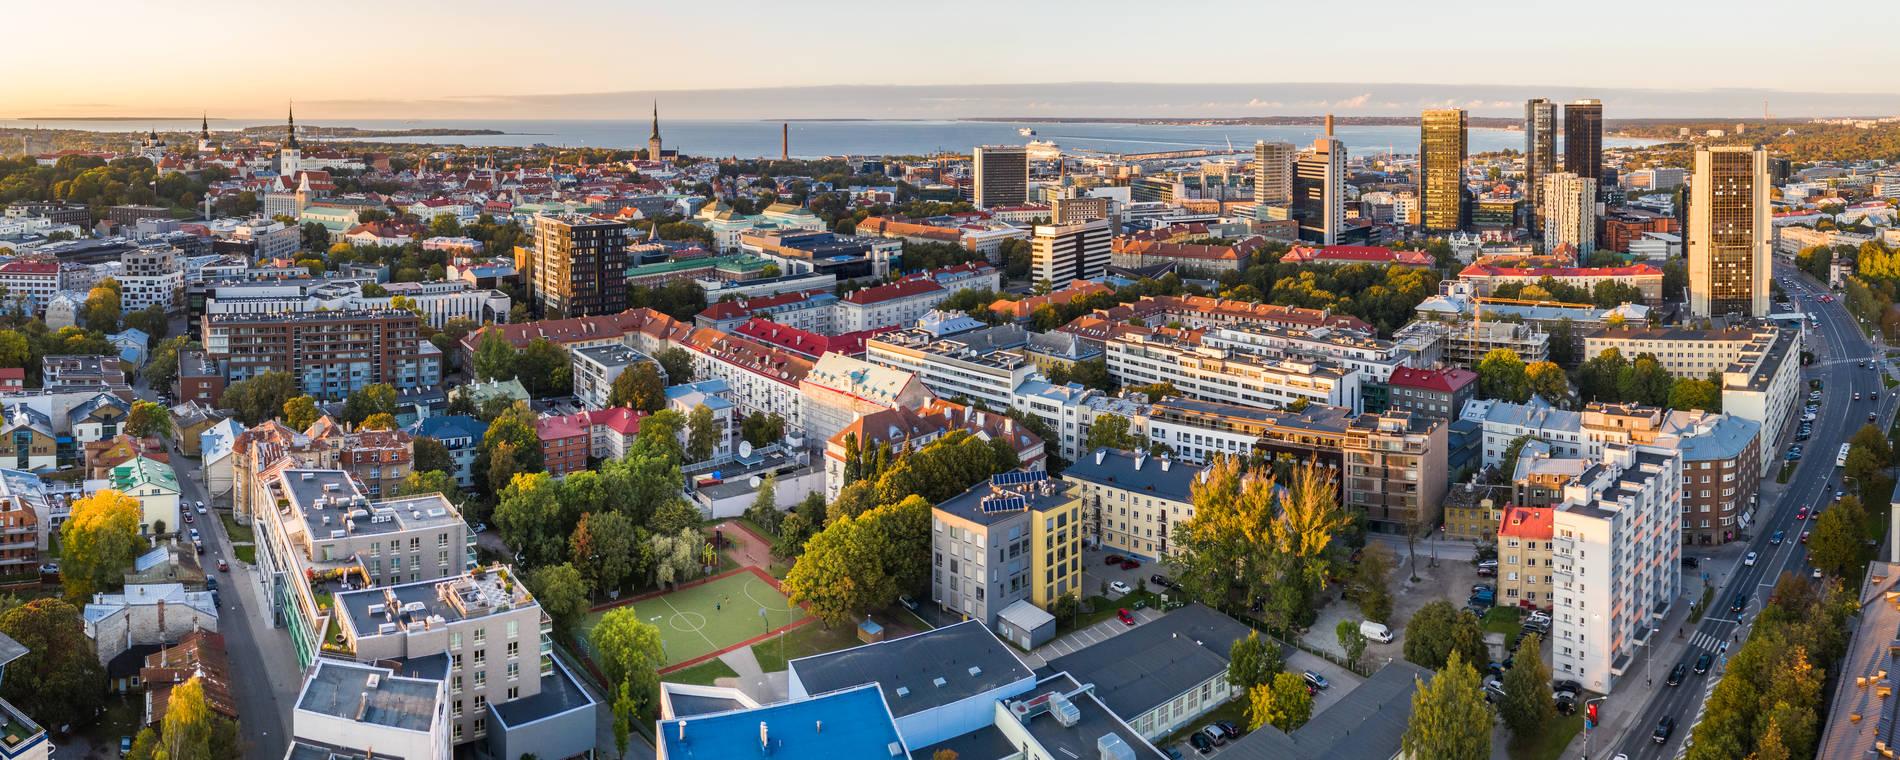 Stadtzentrum Tallinn, Estland